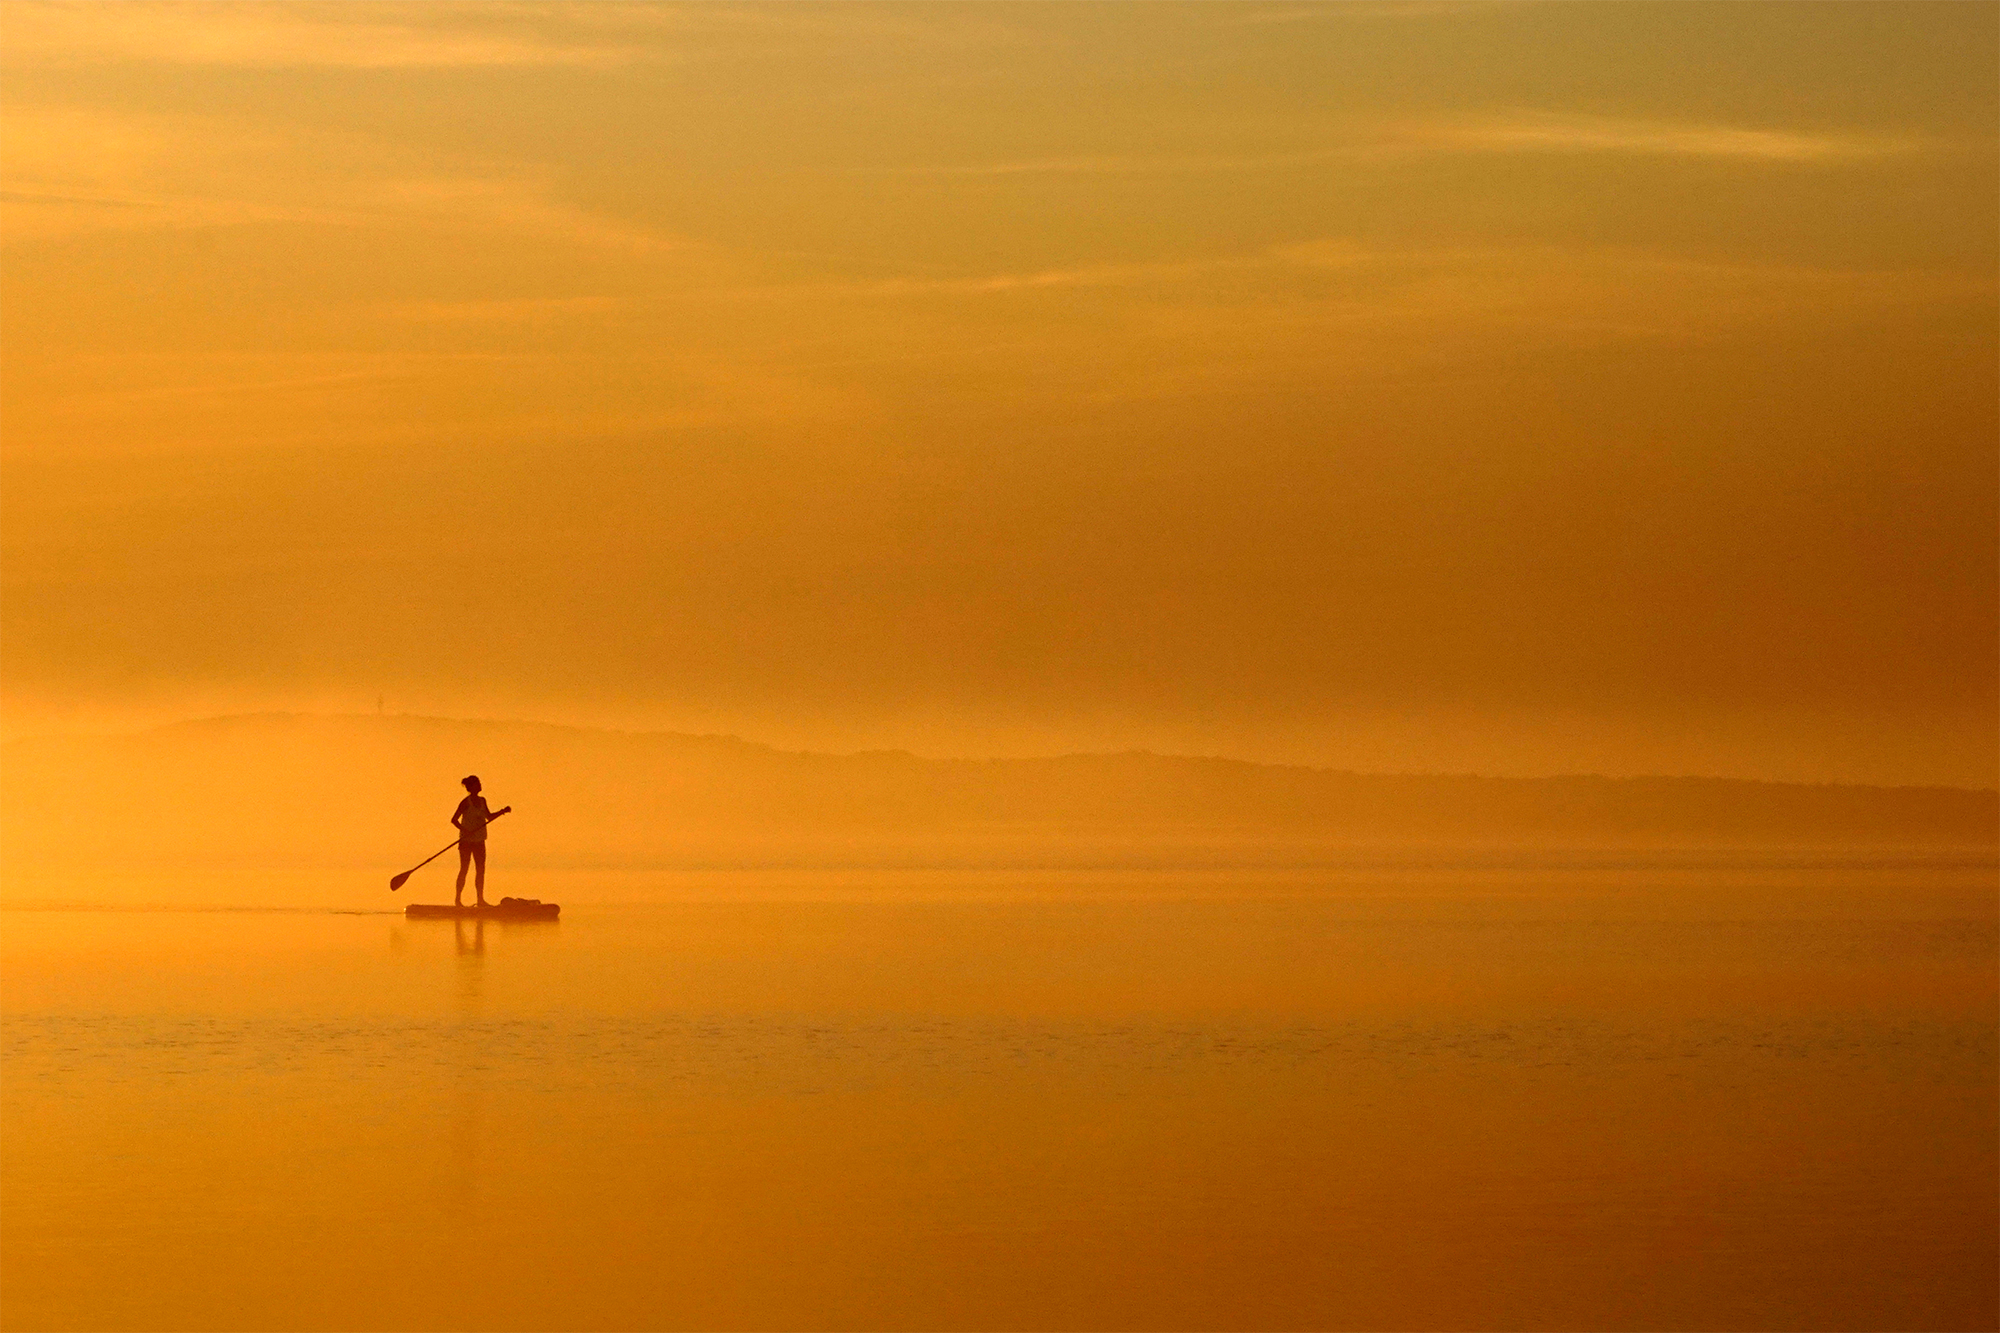 Stand Up Paddlerin im Morgennebel / Leinwand auf Keilrahmen 100 x 70 cm